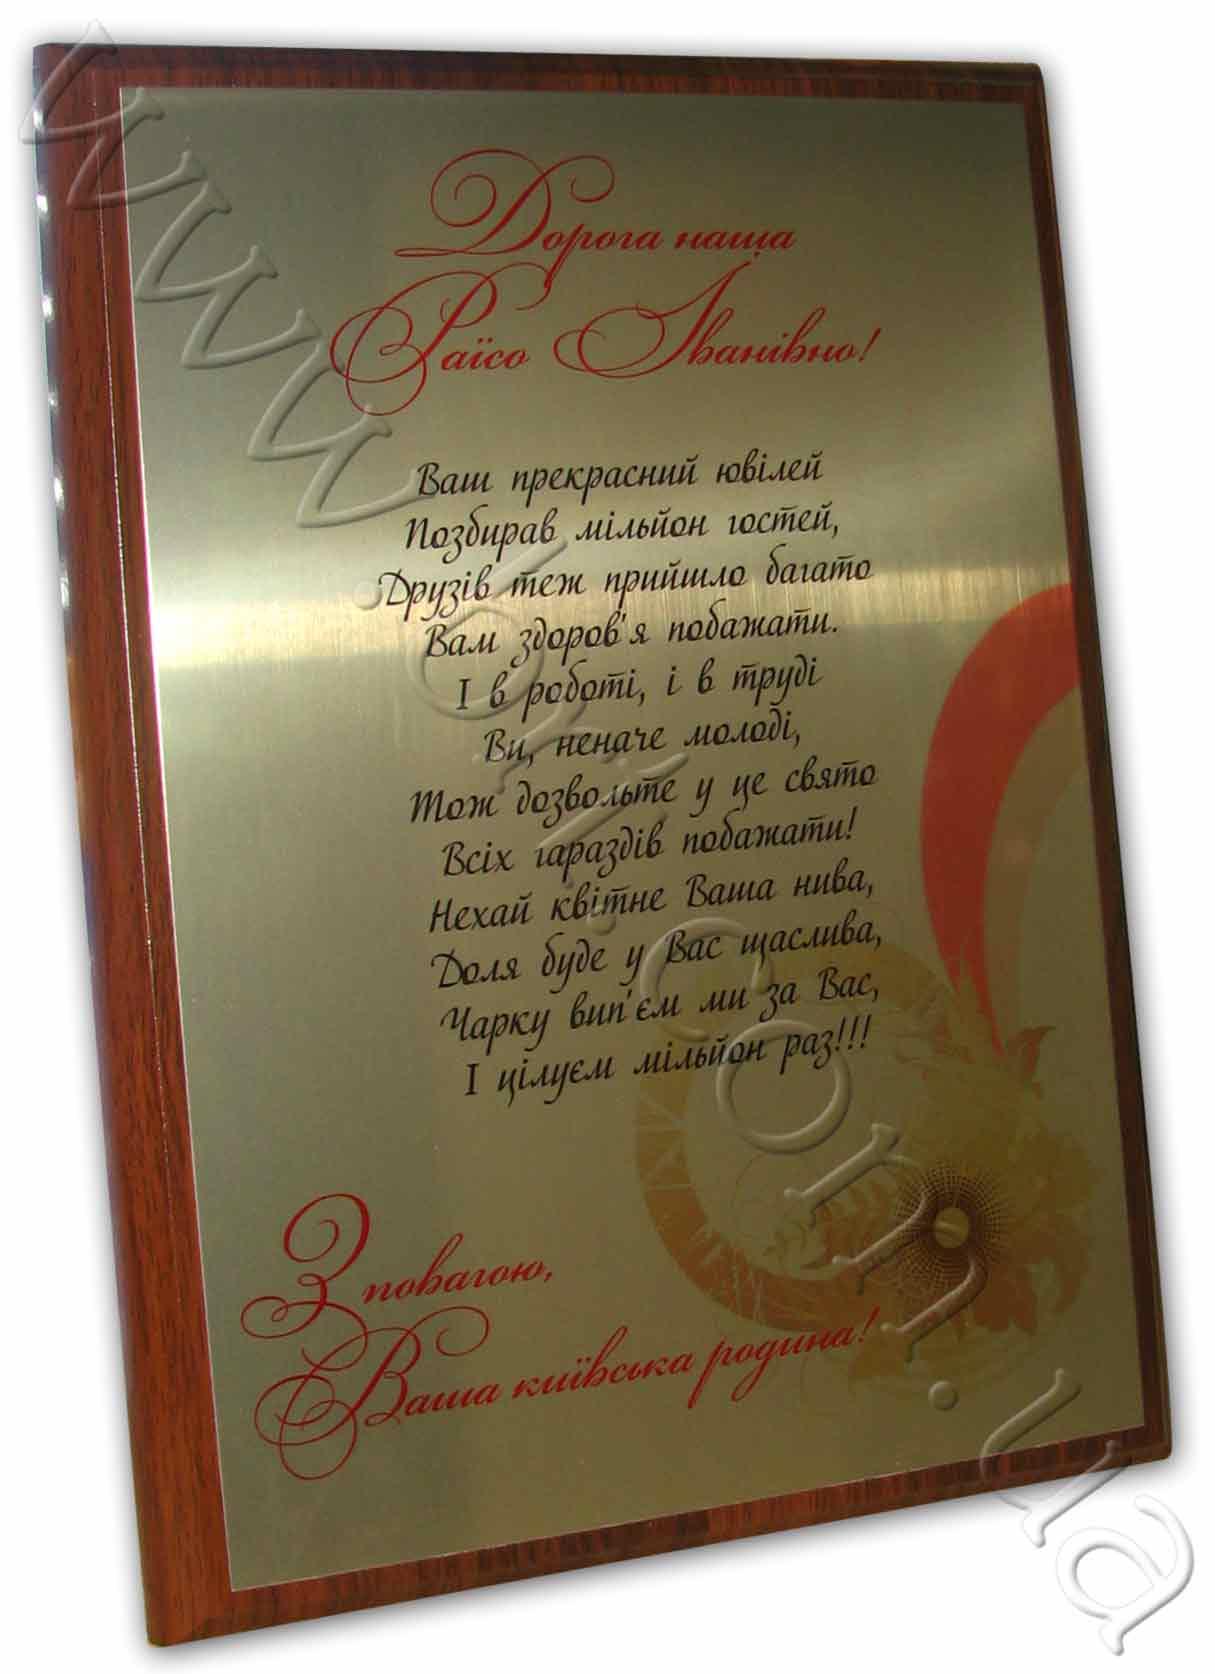 Подарок на юбилей подарок юбиляру имениннику подарок в Киеве  диплом юбиляра 50 лет · юбилейный сертификат женщине